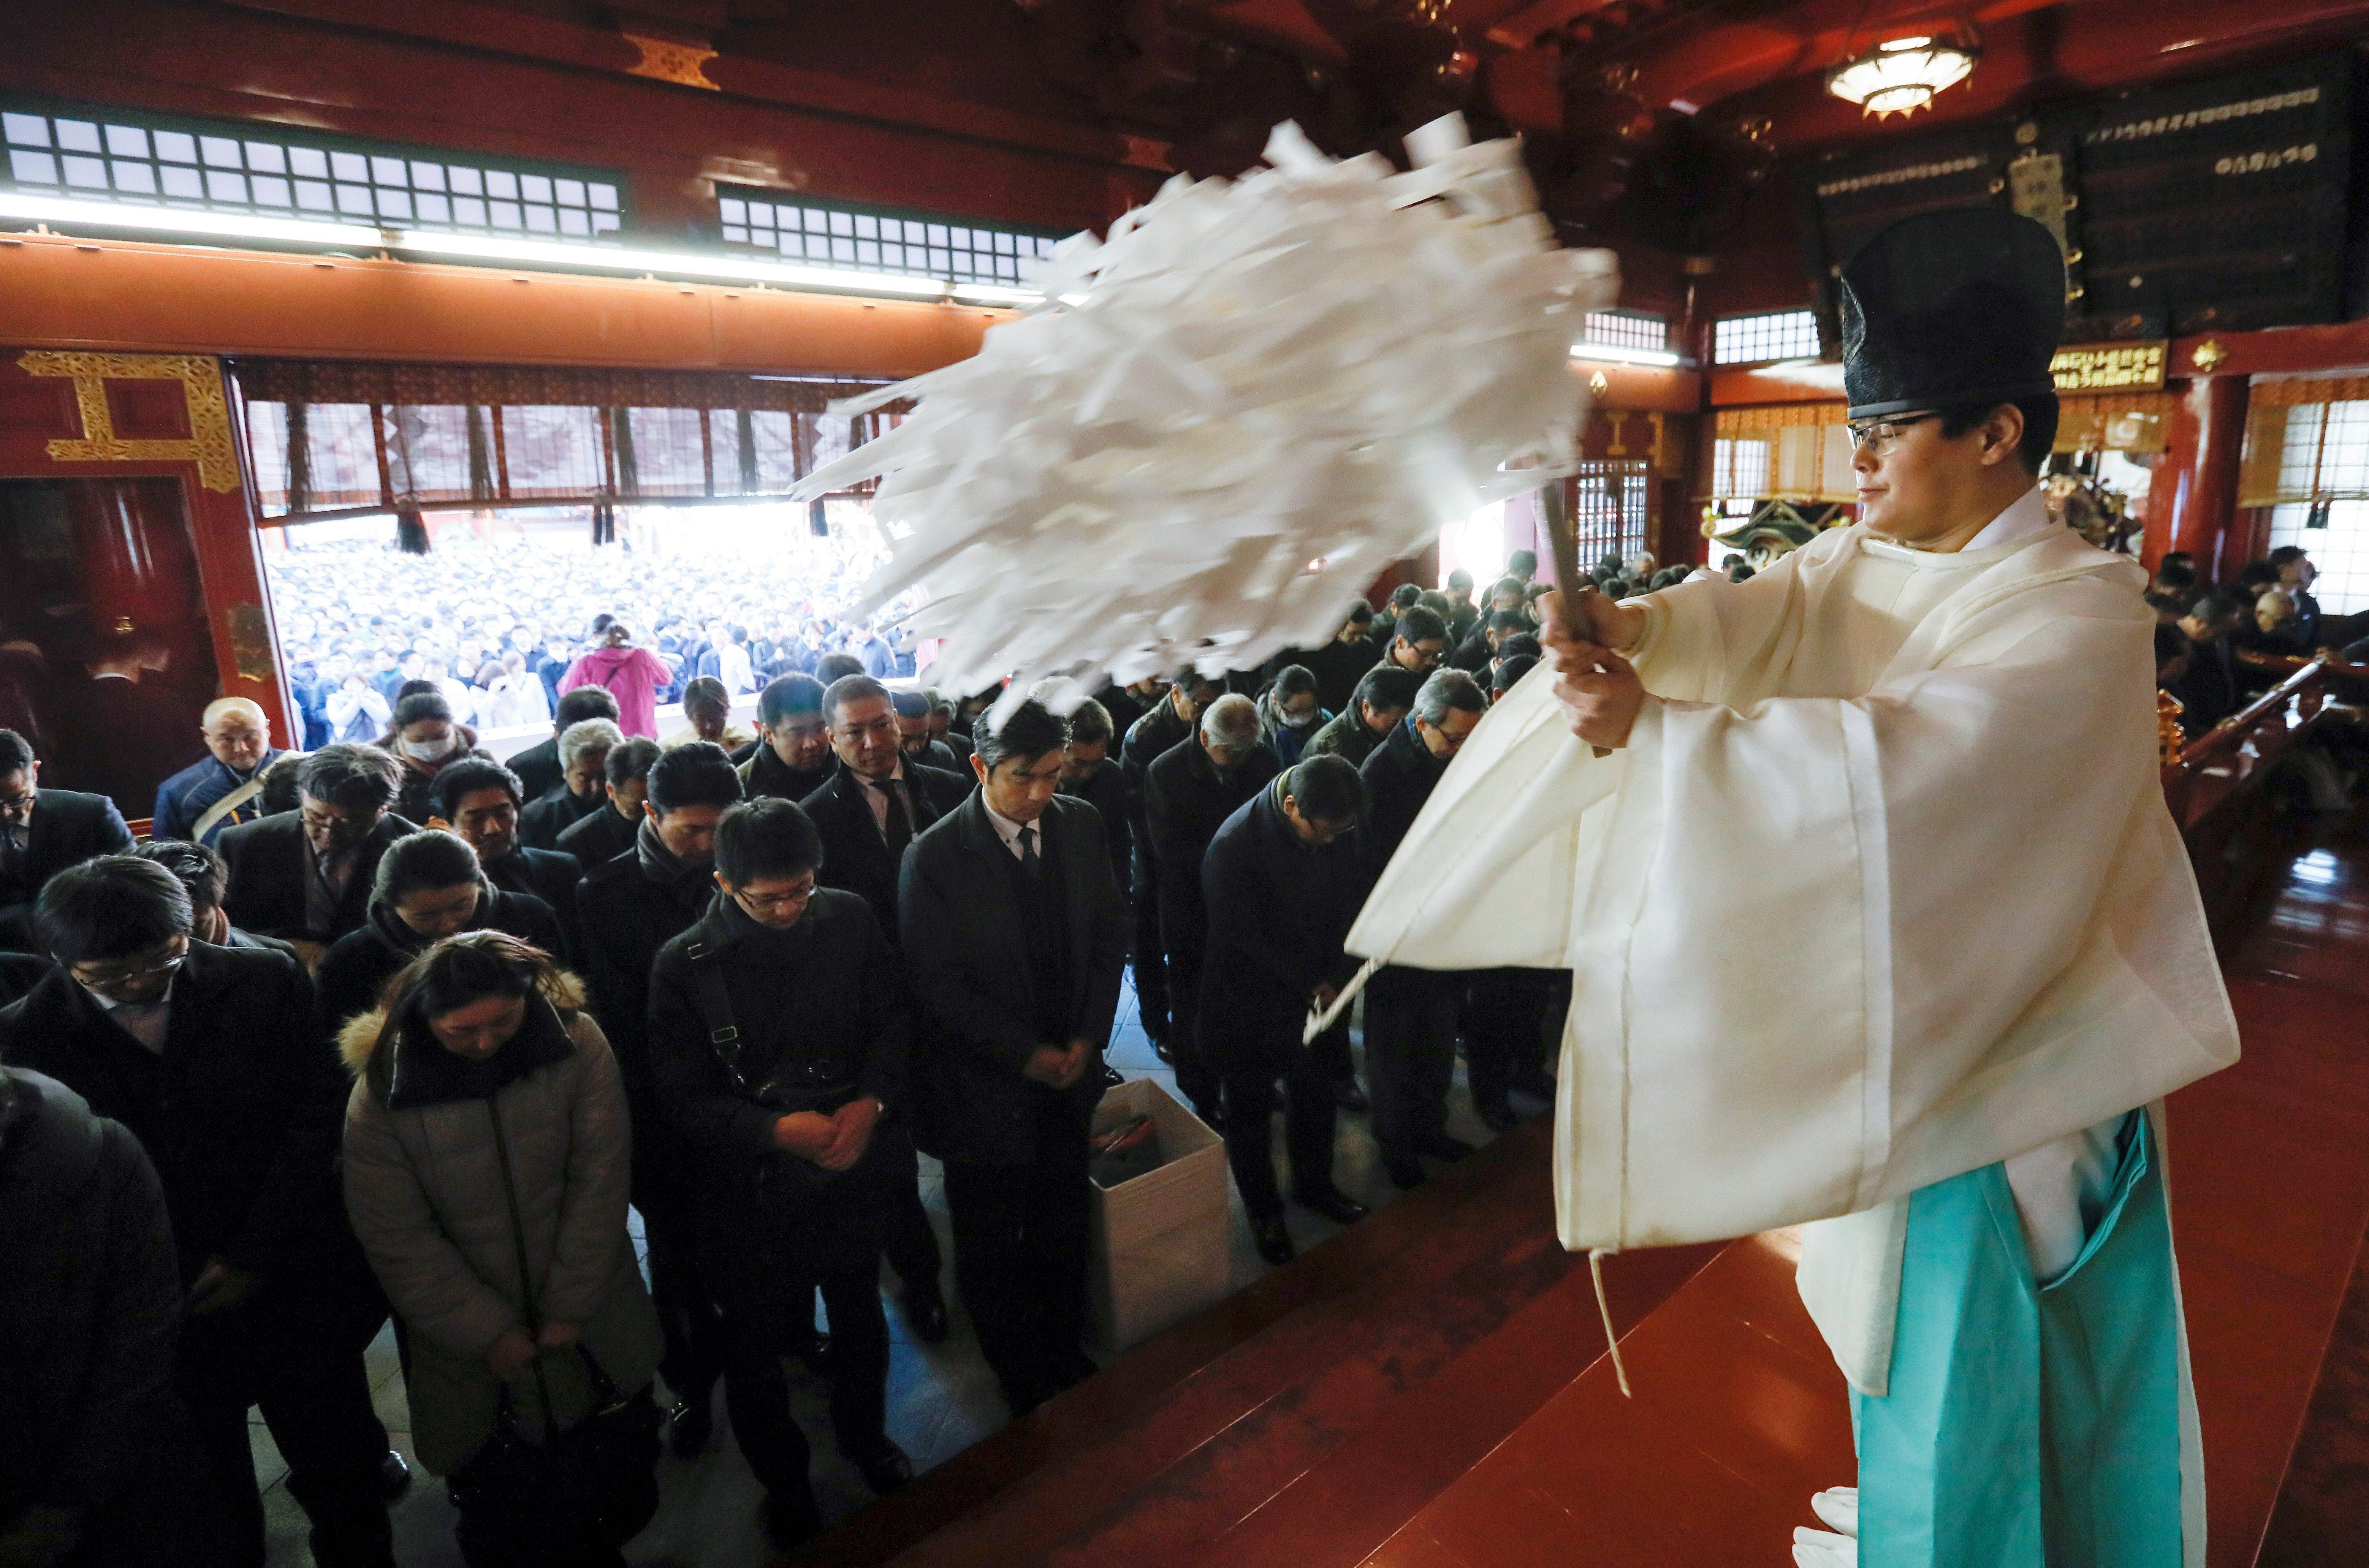 Treballadors demanen prosperitat per a les seves empreses en un monestir sintoista a Tòquio (Japó). / KIMIMASA MAYAMA